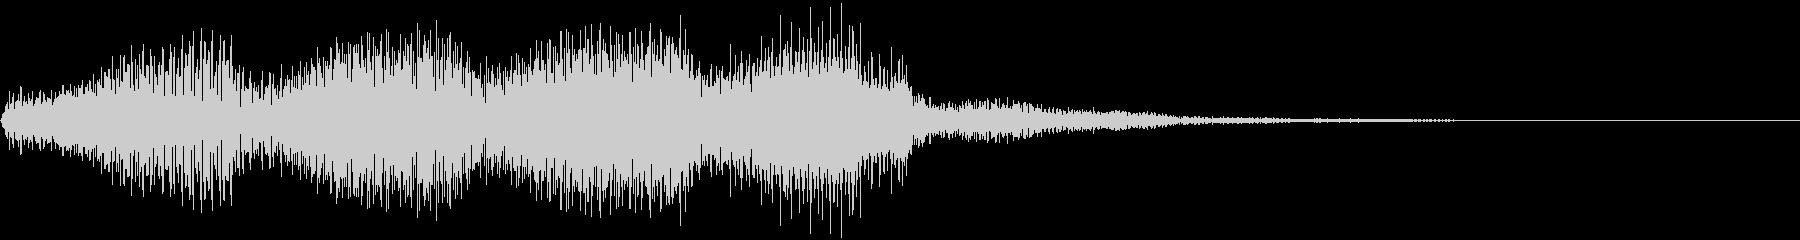 シンセパッド音 01の未再生の波形